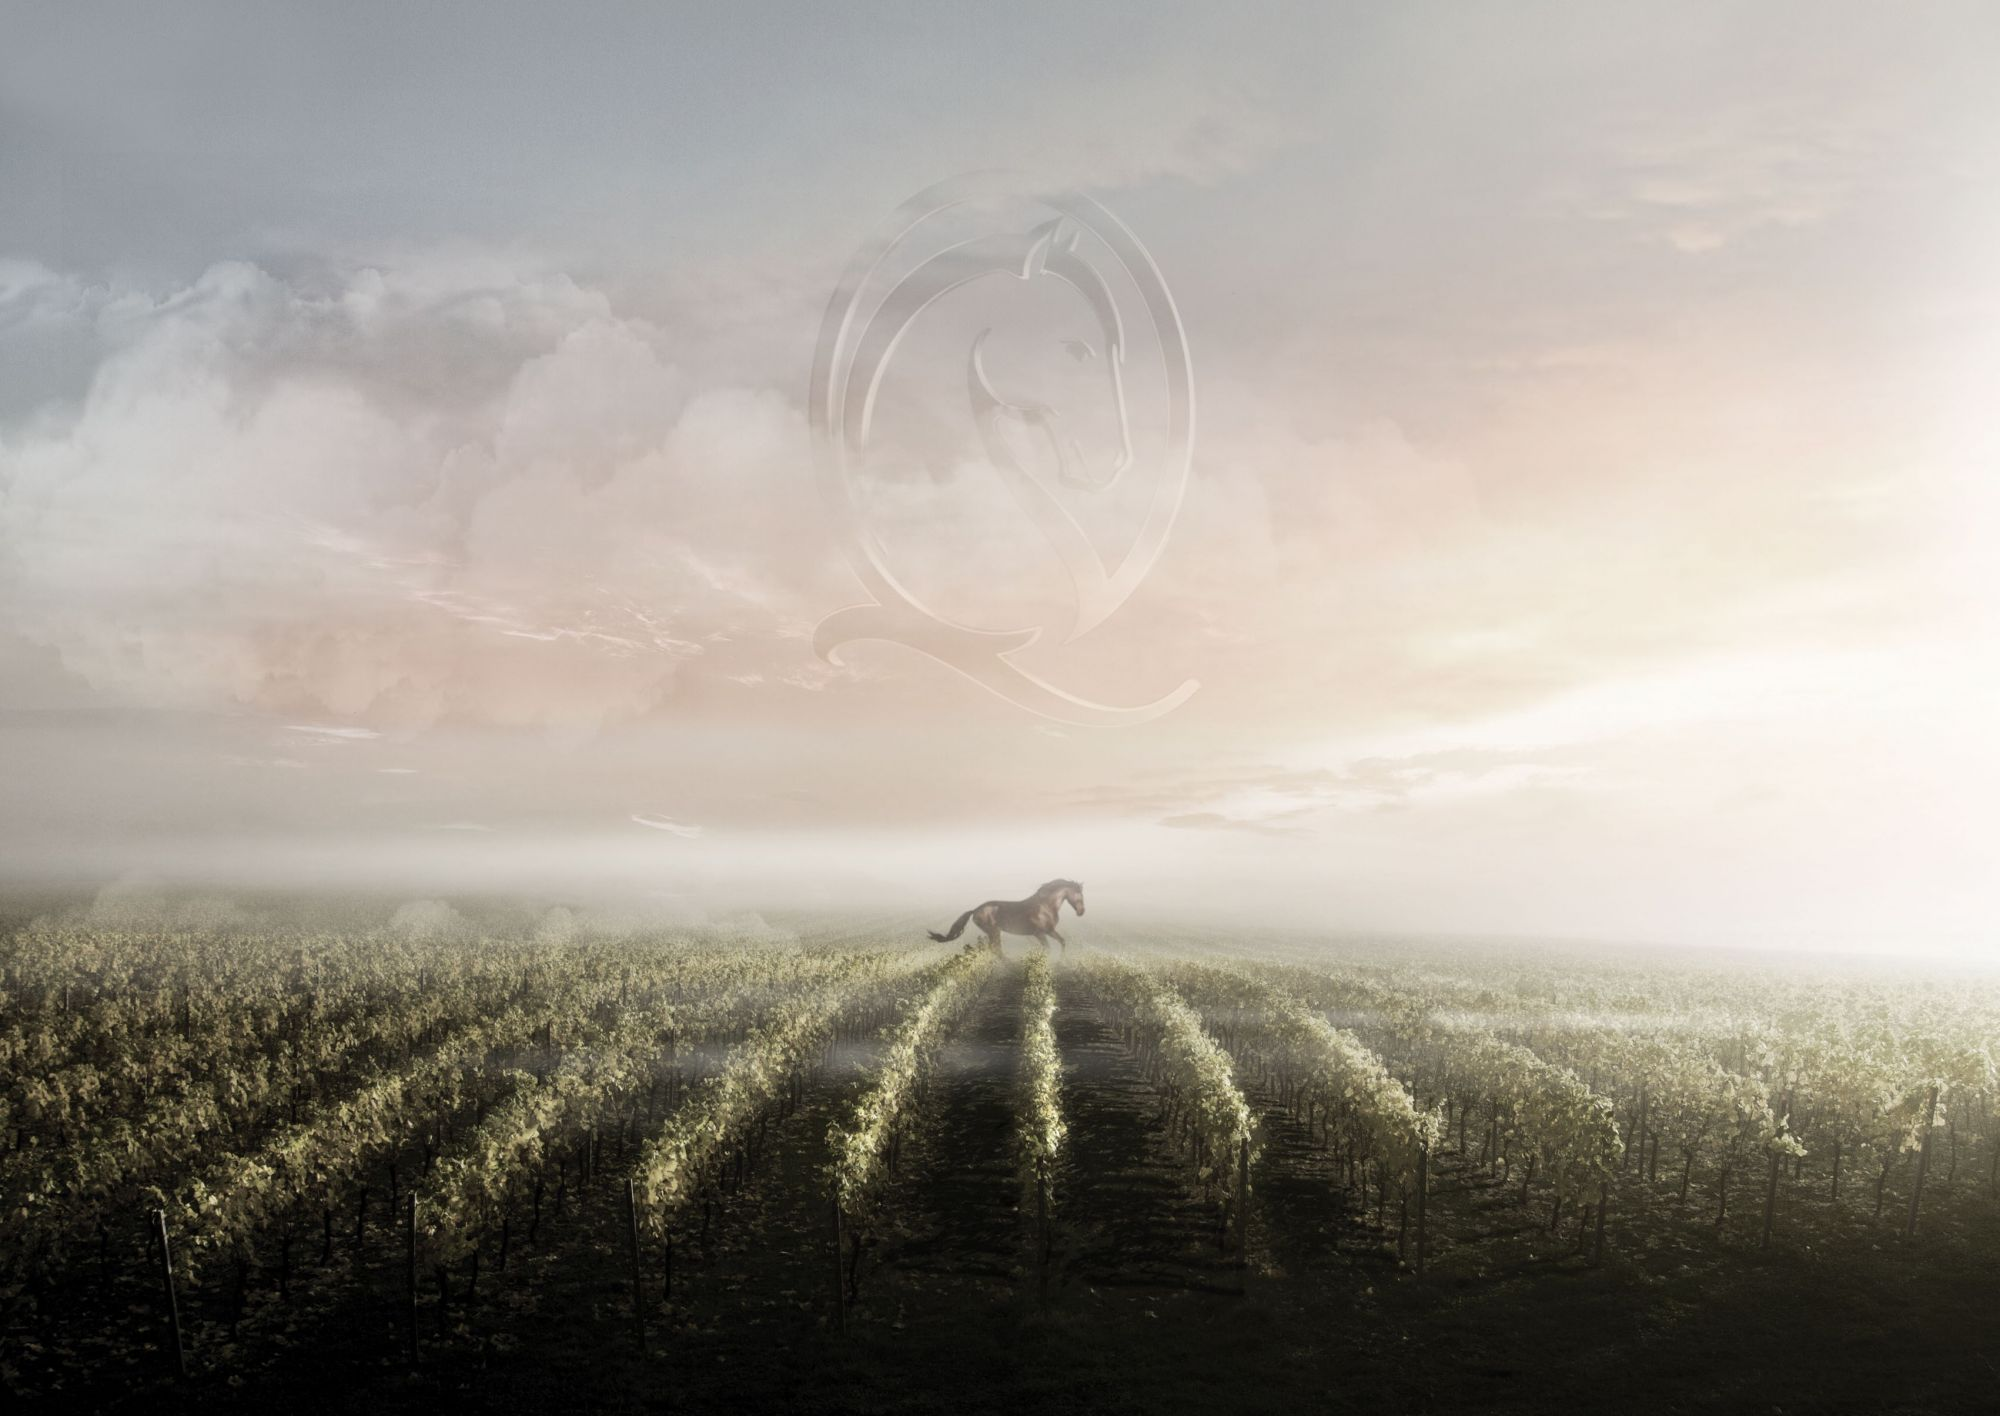 haut galot cheval quancard la cave landaise vins sur 20